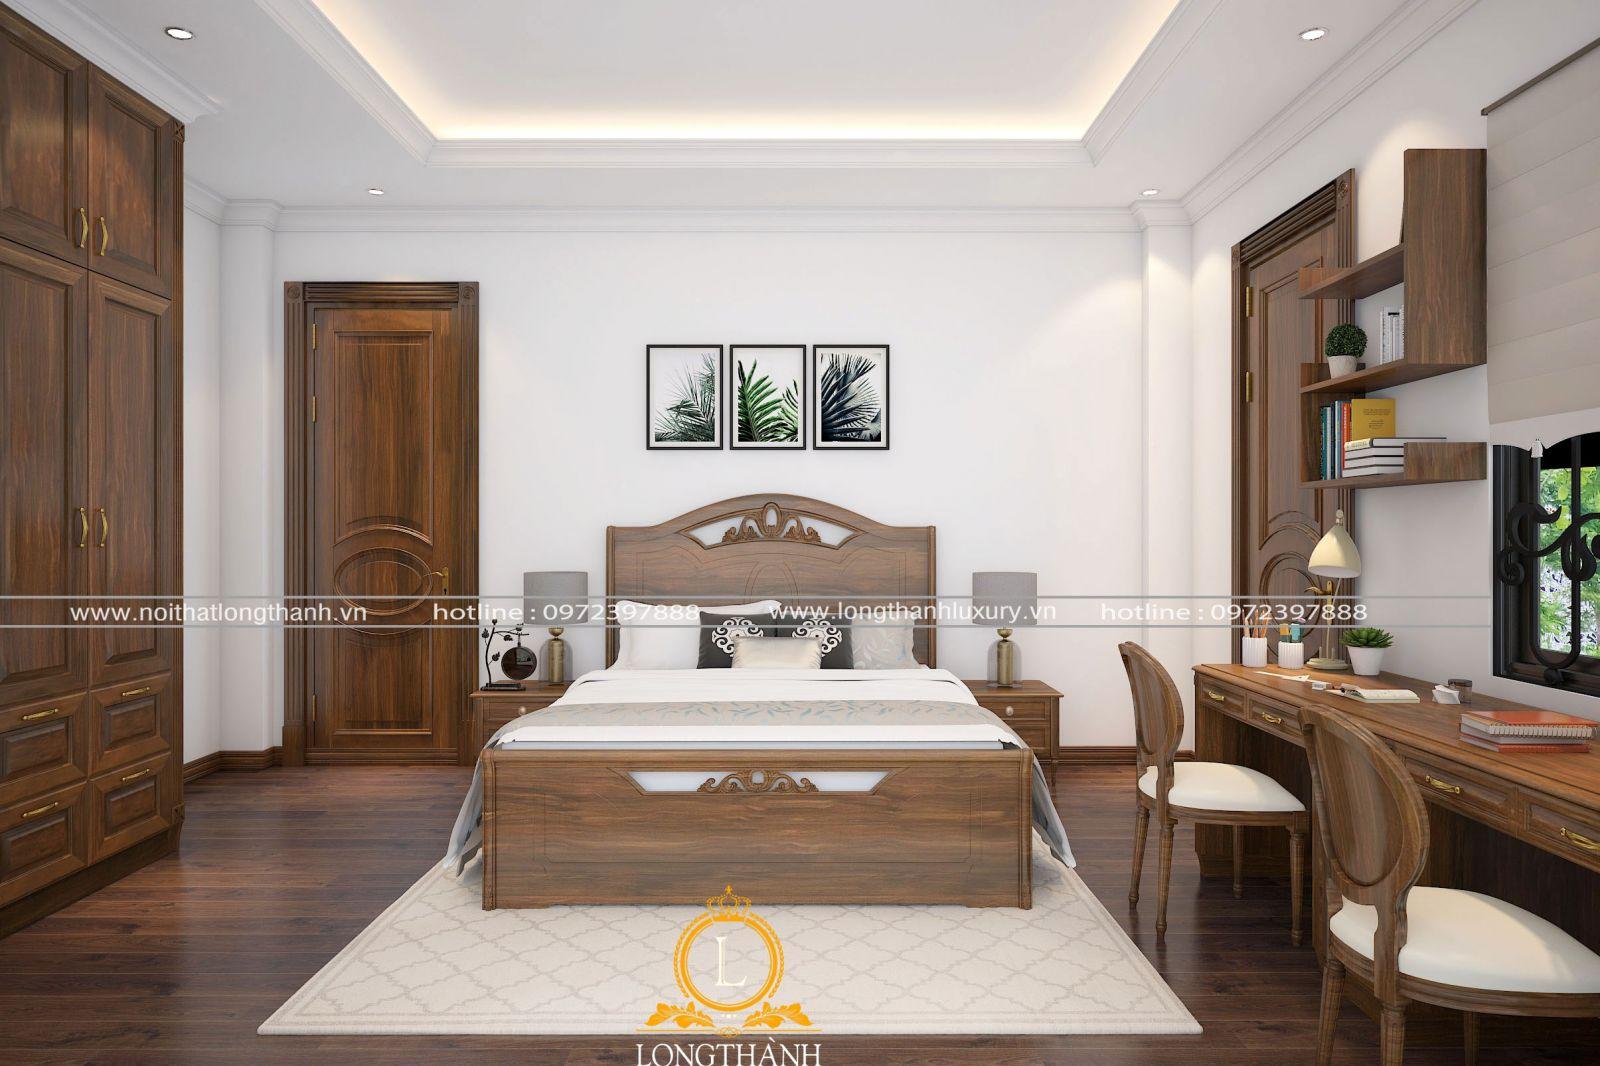 Không gian phòng ngủ hiện đại bố trí gọn gàng và tiện nghi